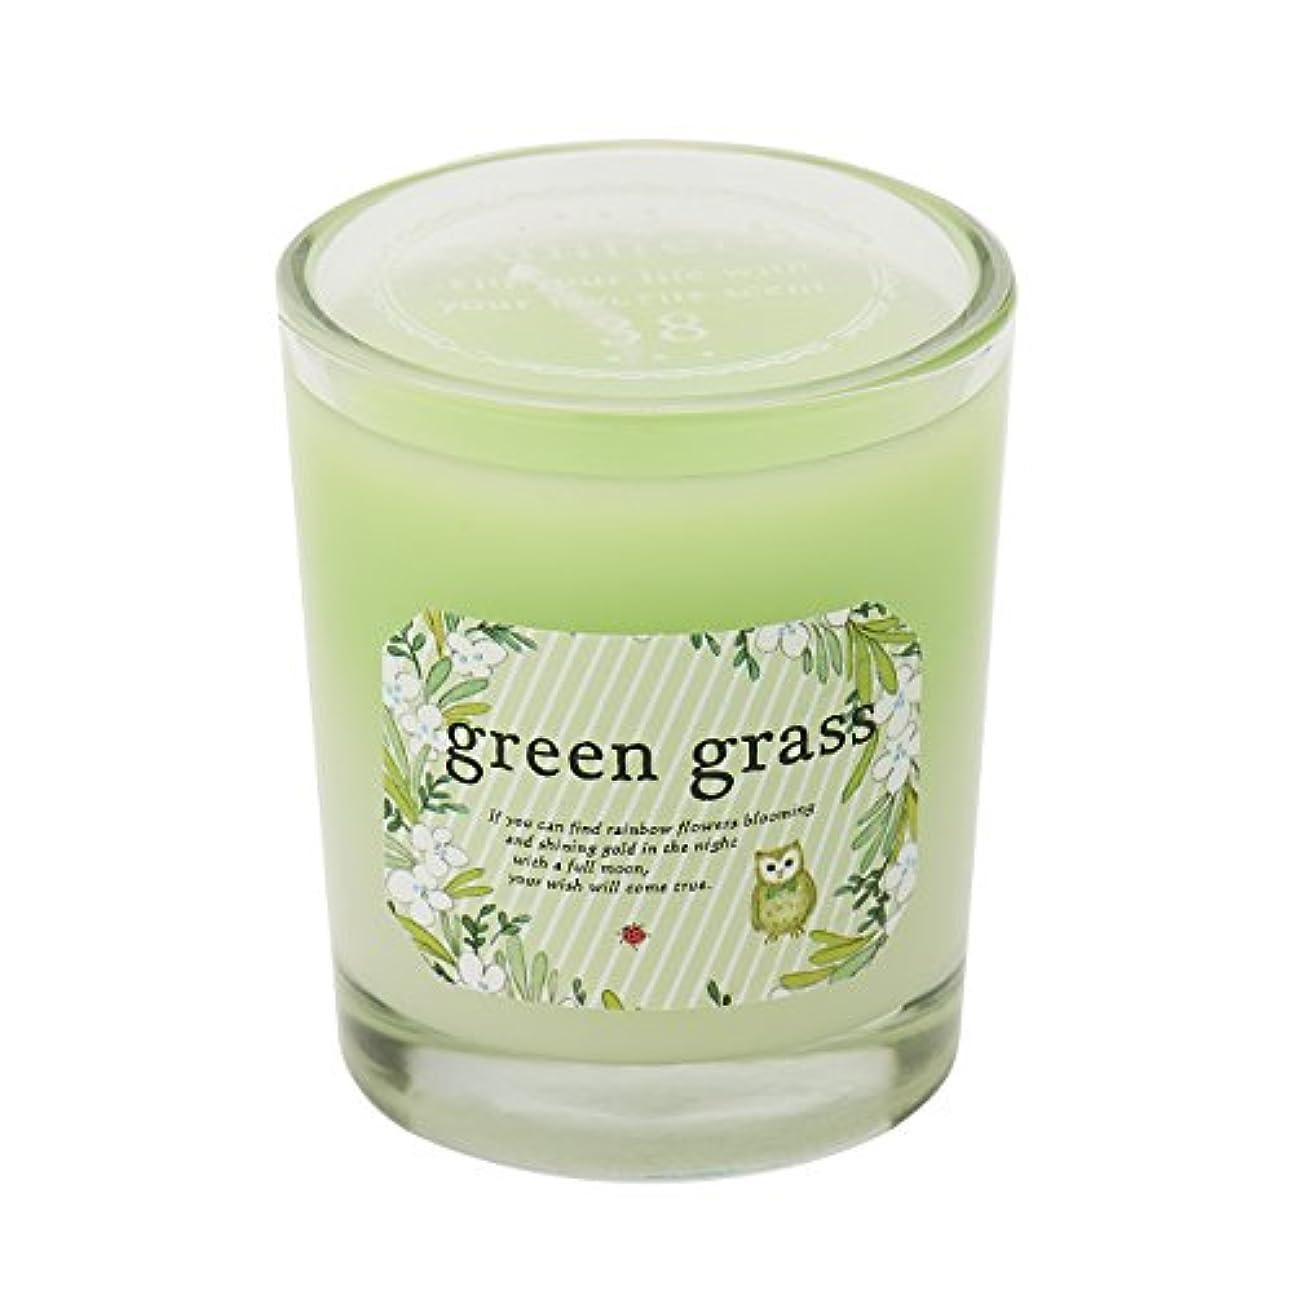 所得洞察力のある選挙サンハーブ グラスキャンドル グリーングラス 35g(グラデーションろうそく 燃焼時間約10時間 爽やかでちょっと大人の香り)